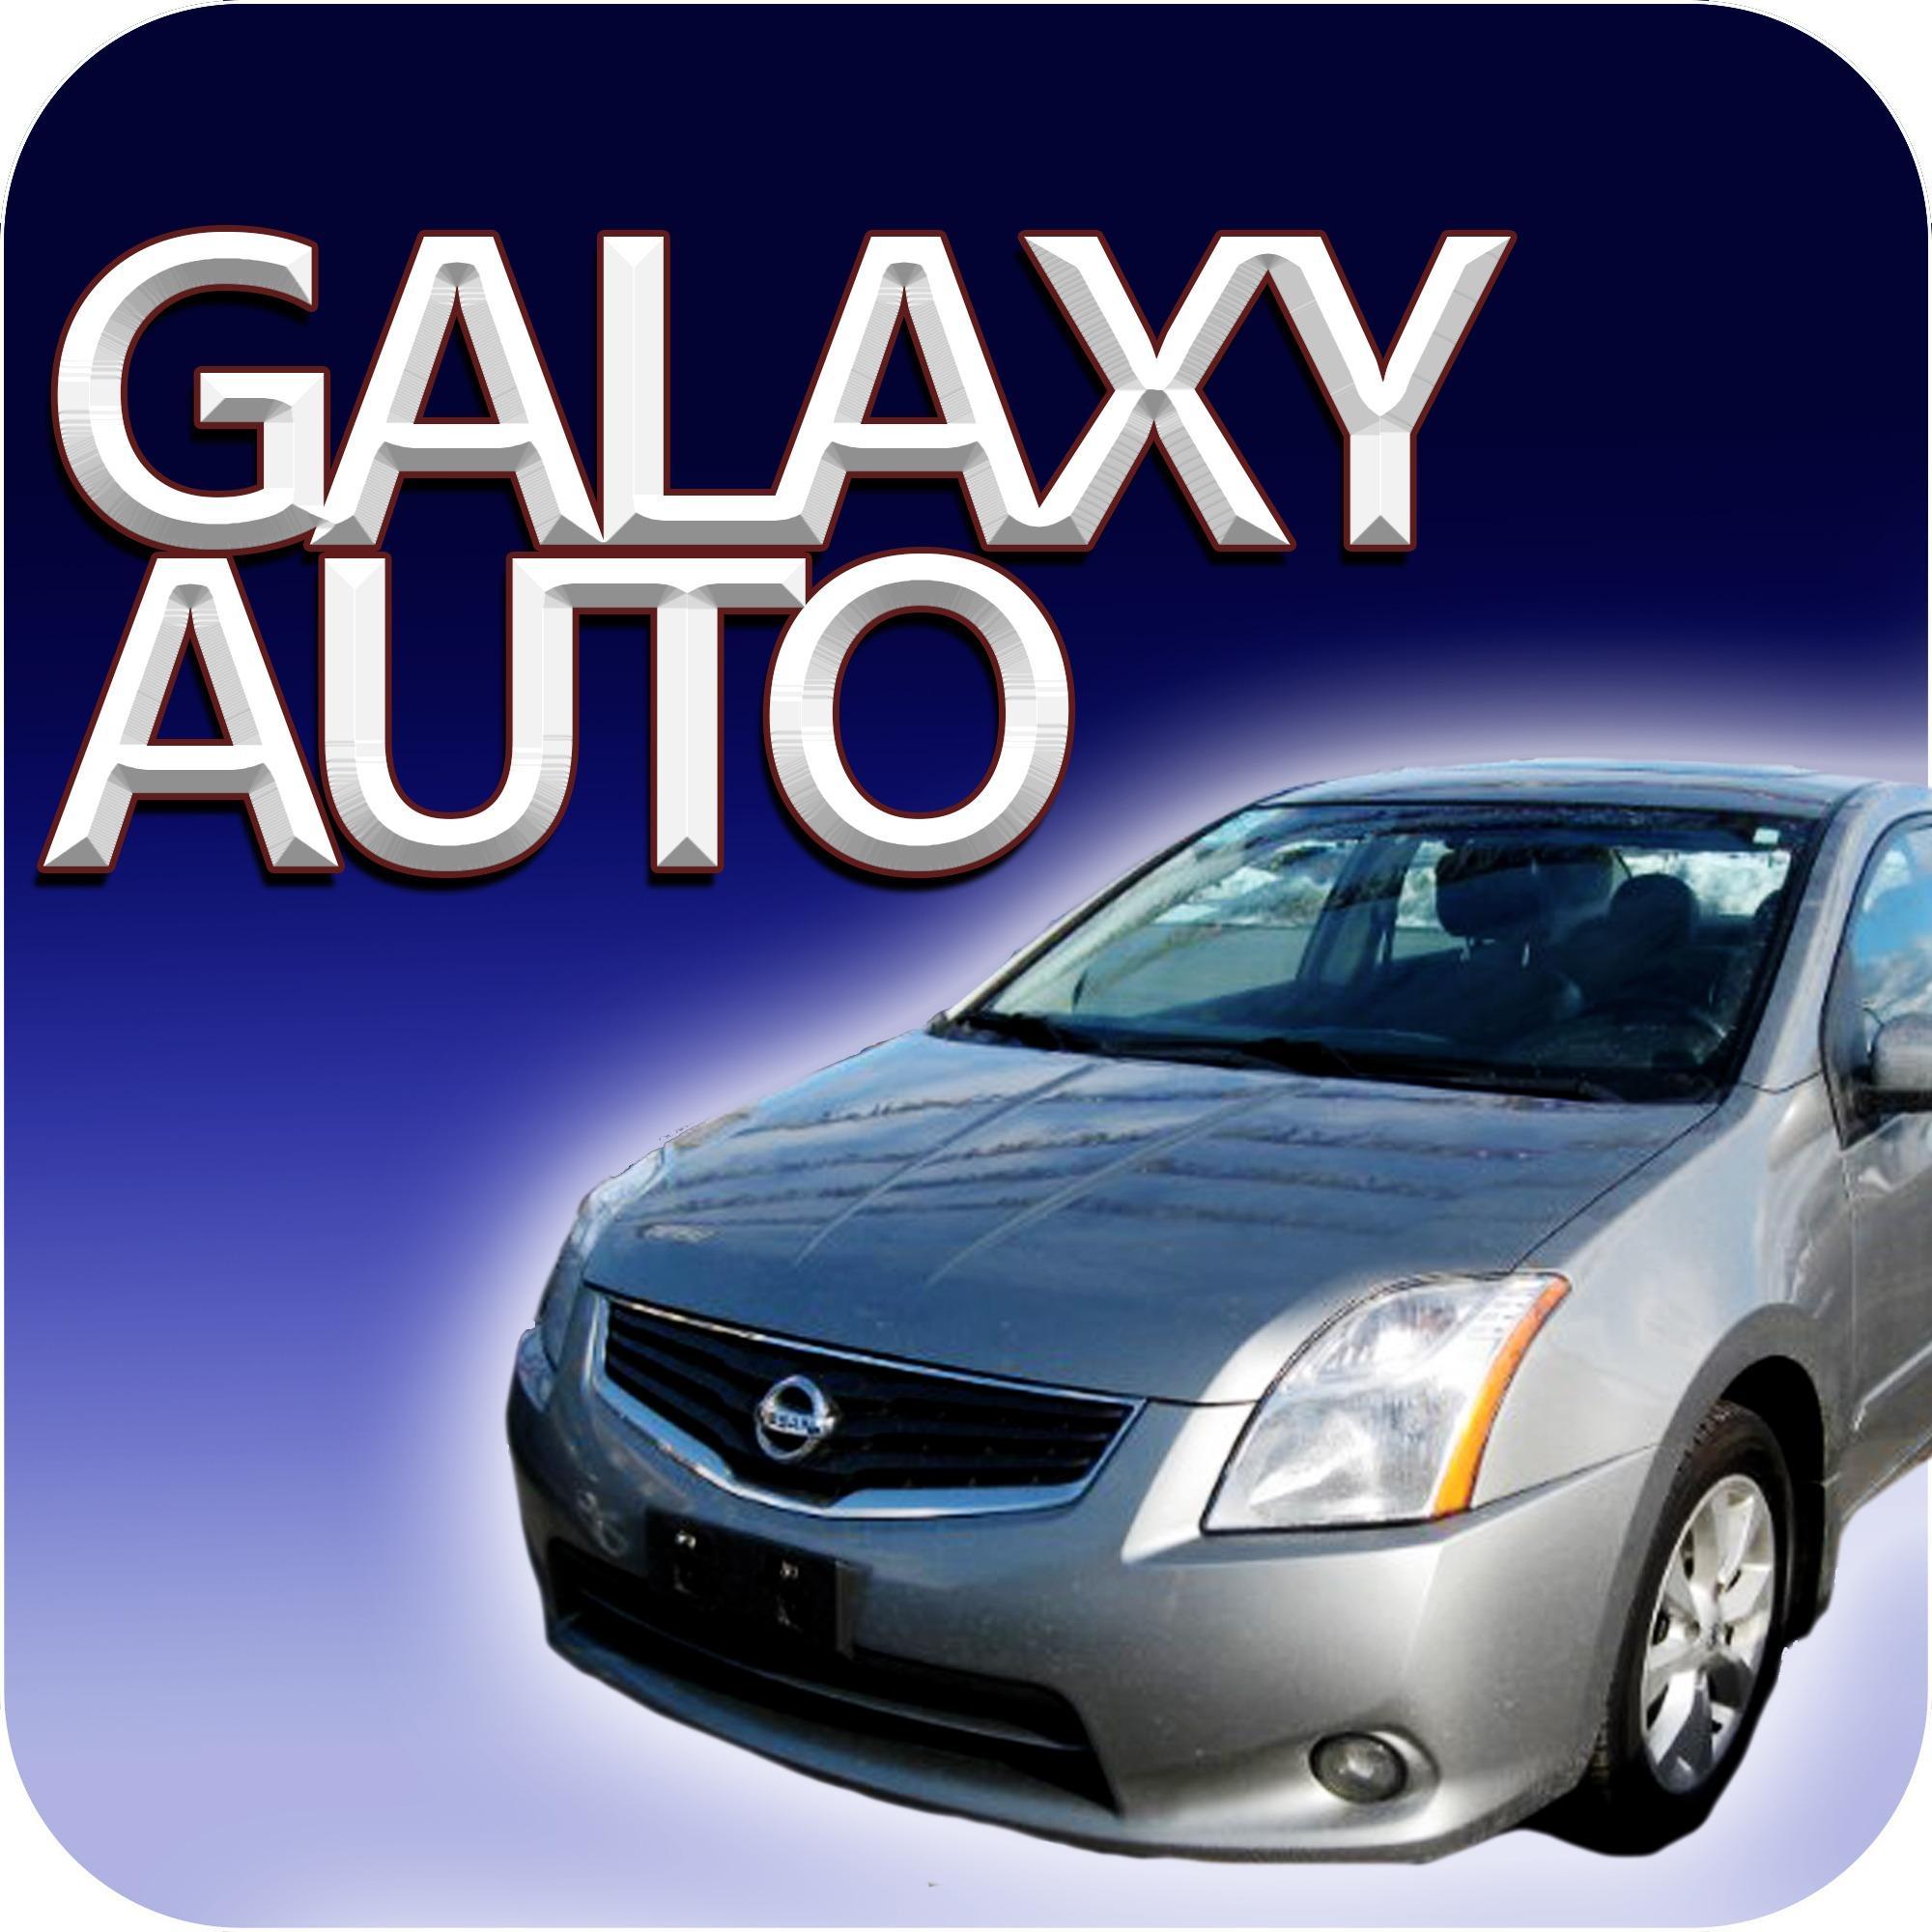 Galaxy Auto LLC